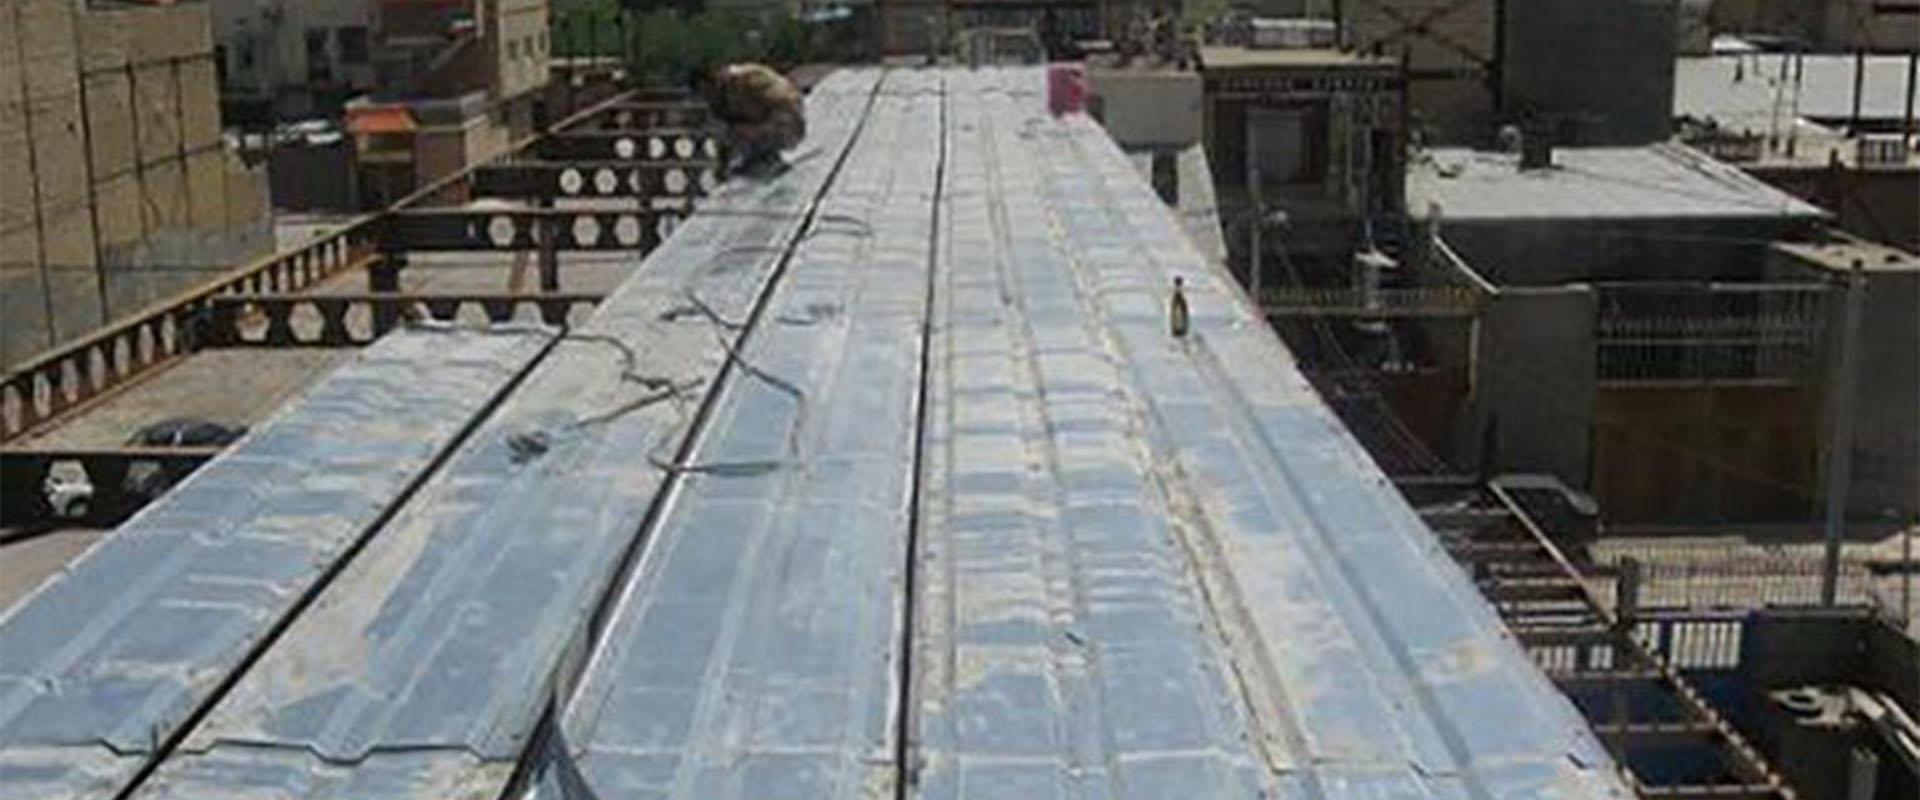 کاربرد پانل های سقفی پیش ساخته چیست؟ ICP